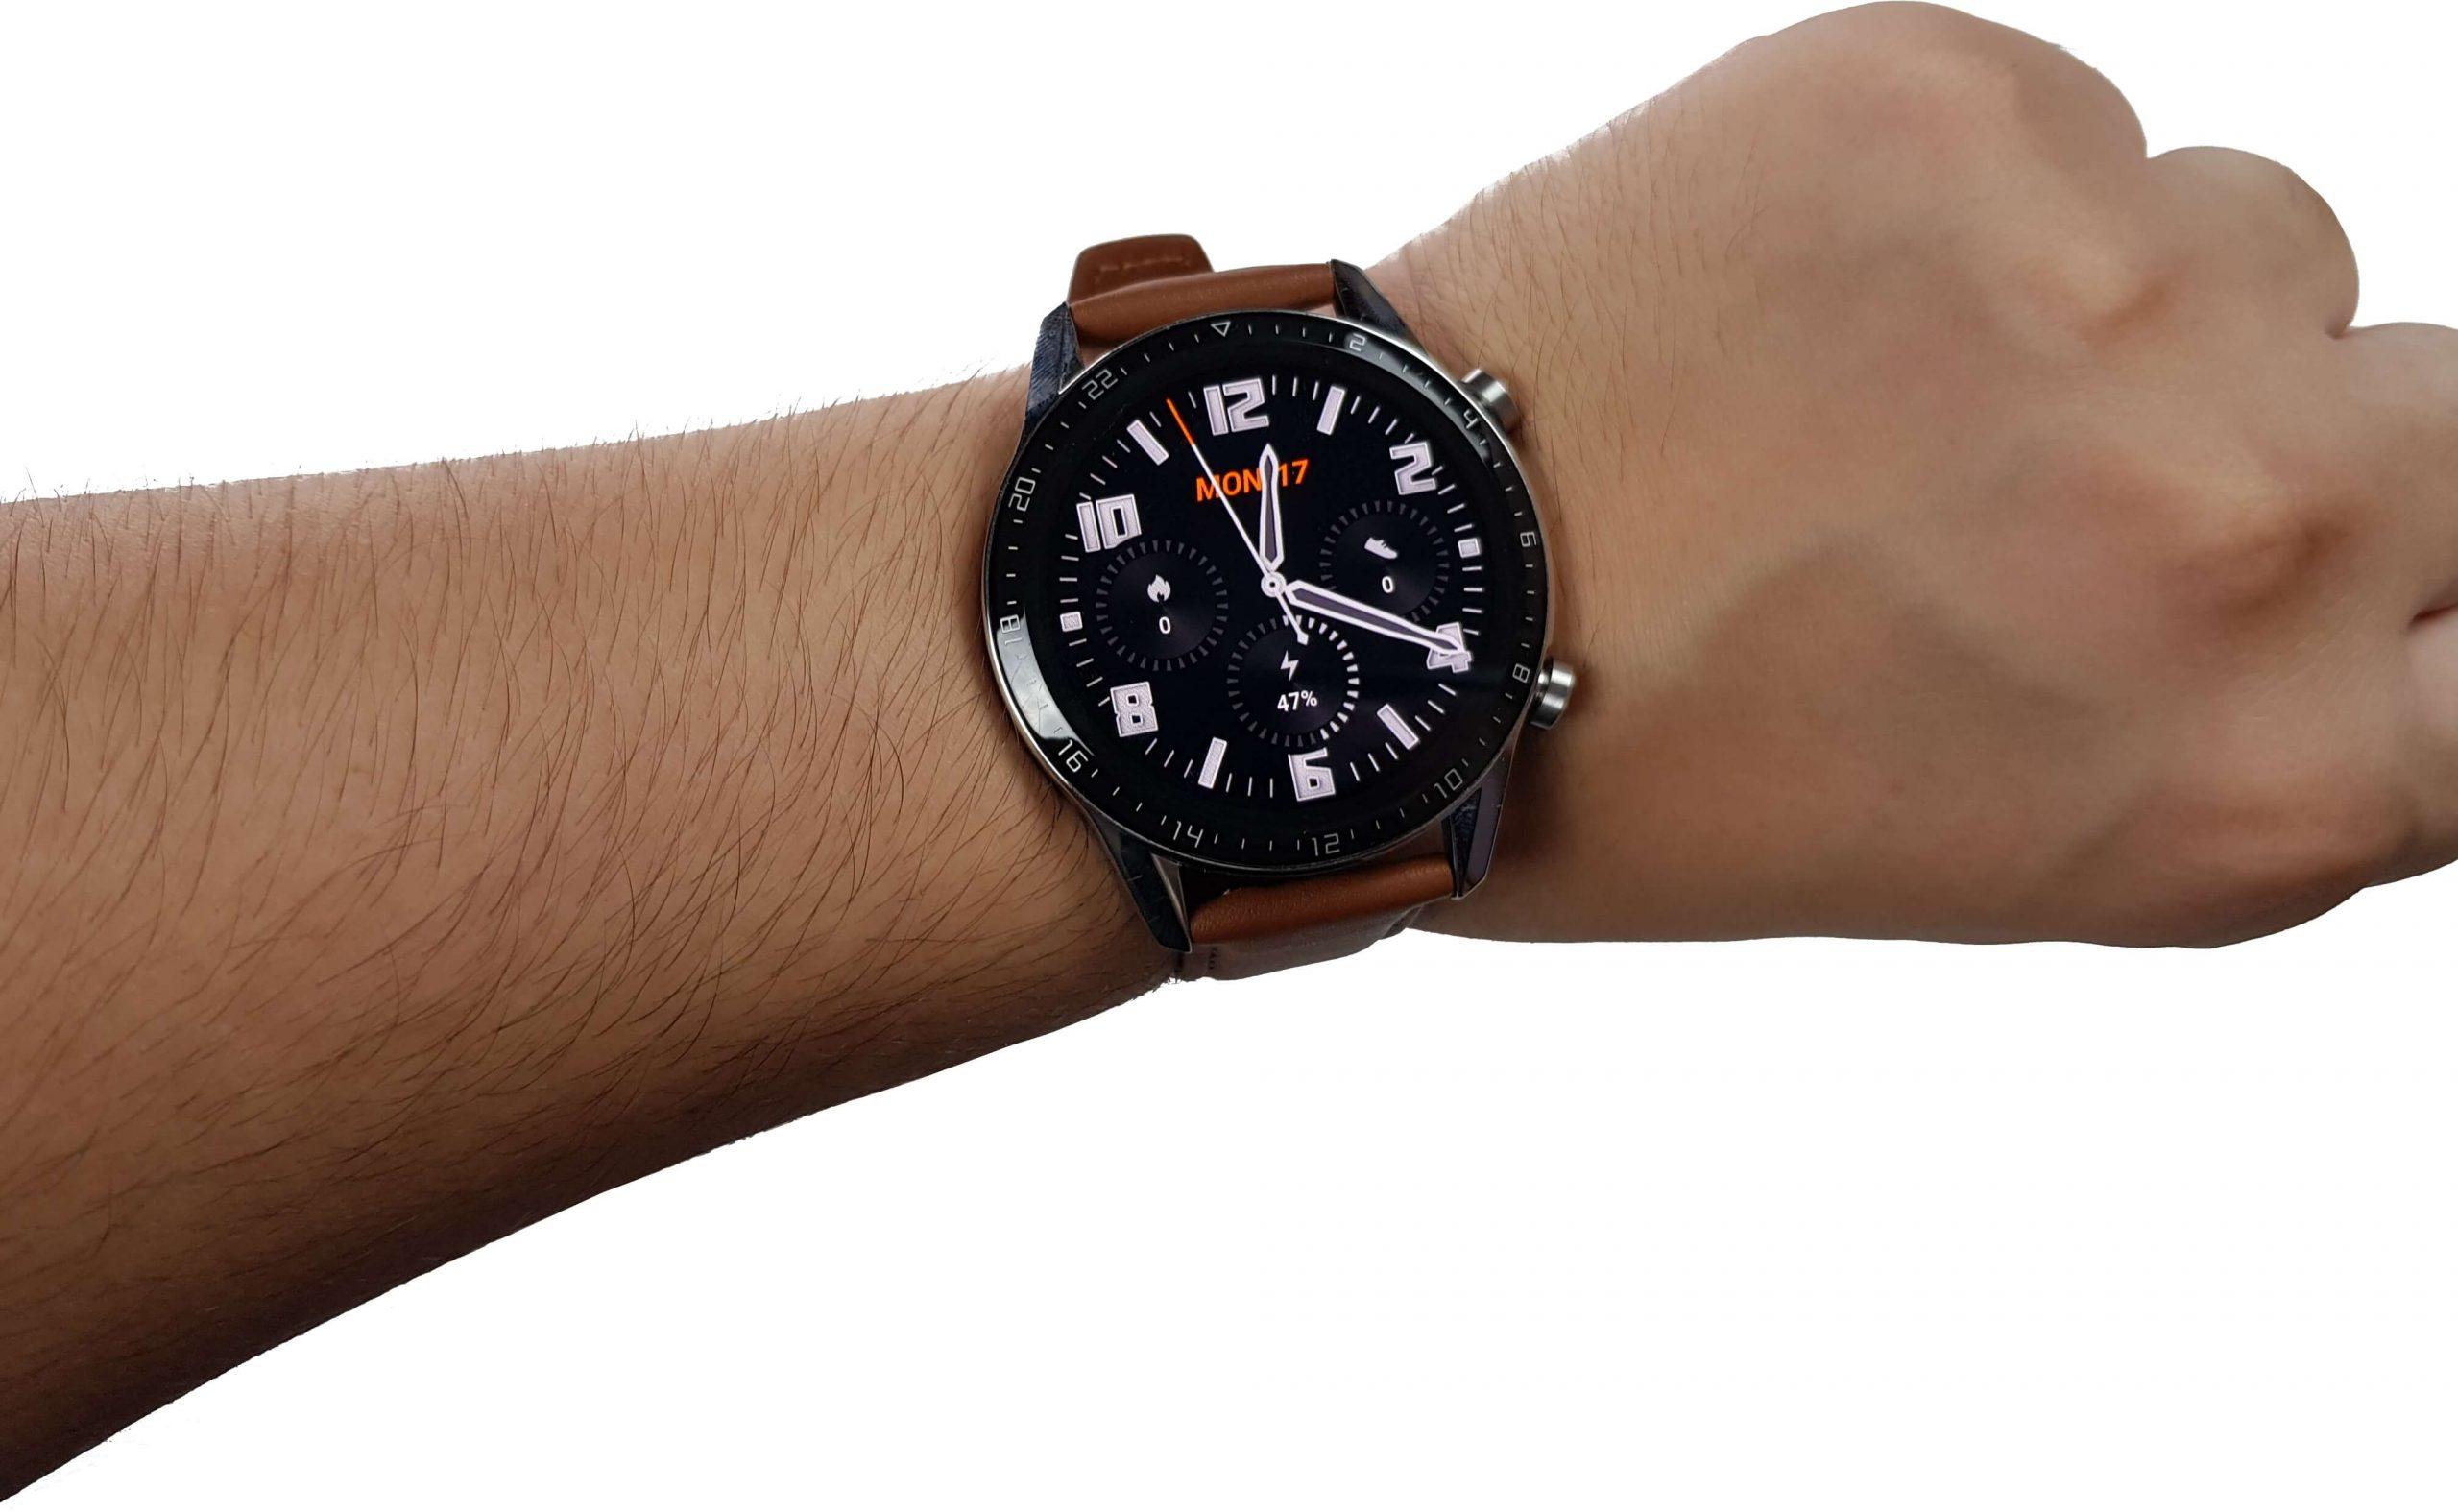 reloj inteligente huawei watch gt 2 en la muñeca